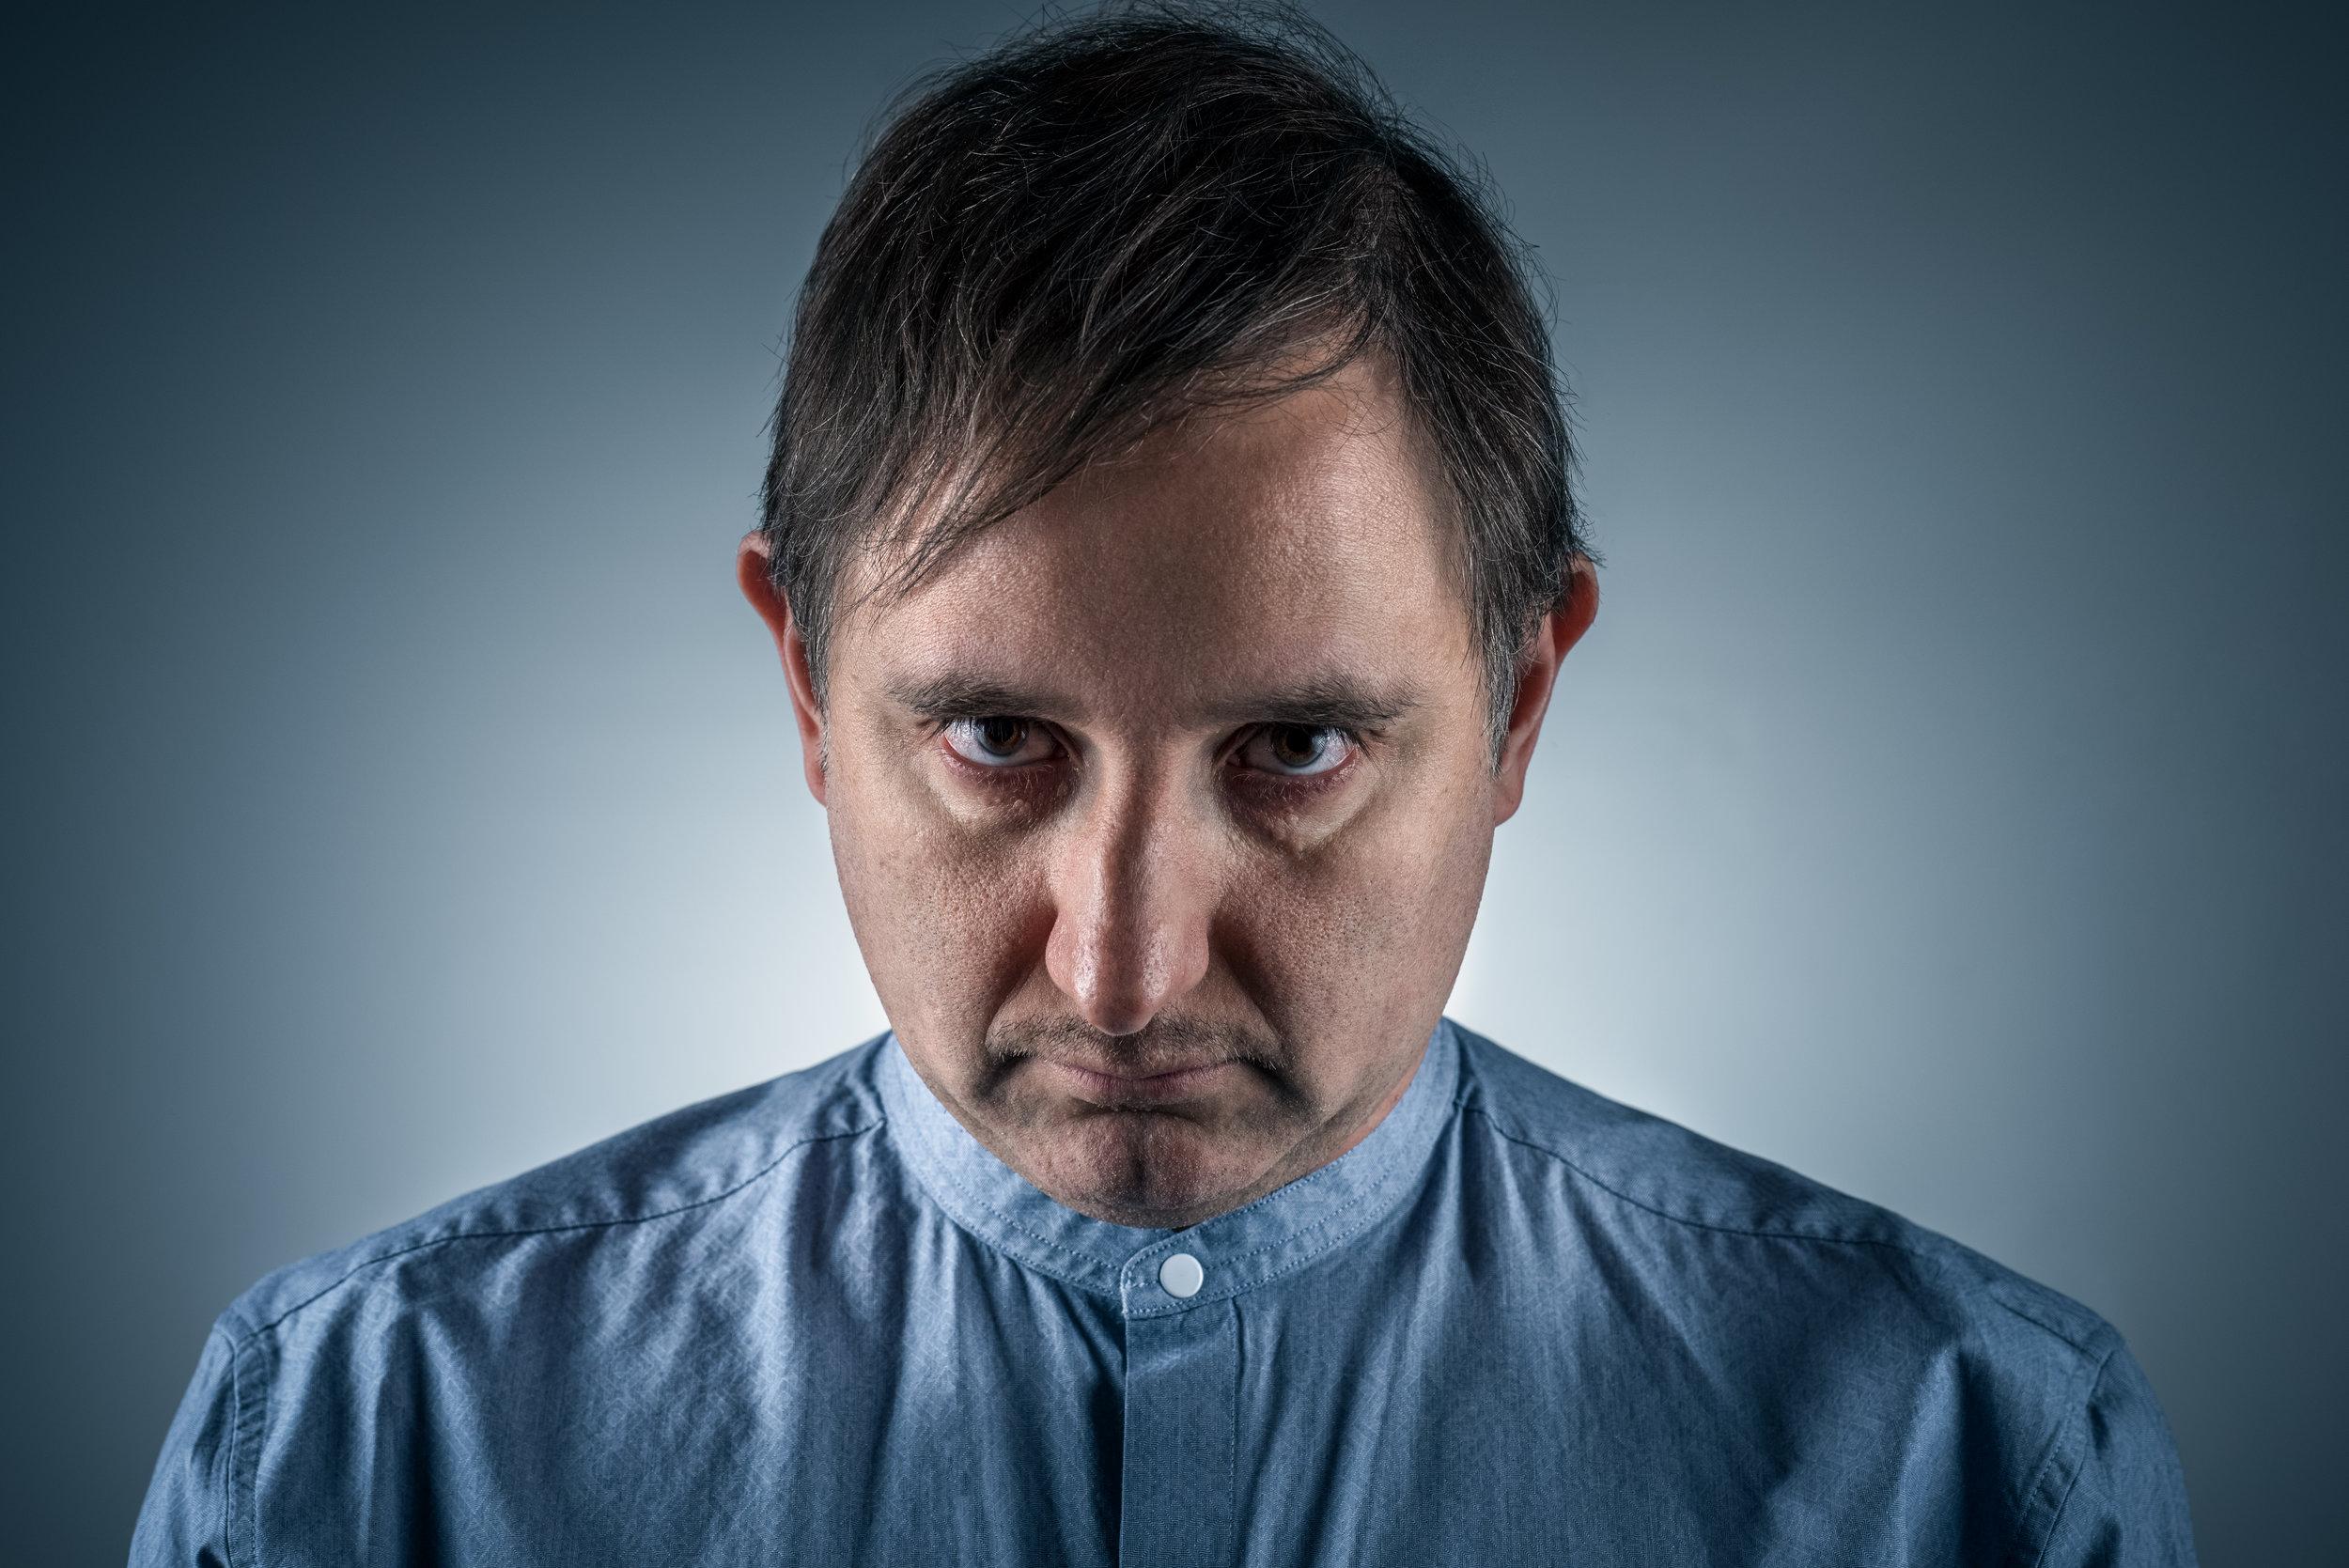 _CGD1348 Retrato Actr Desenfoque poros Portraiture.jpg